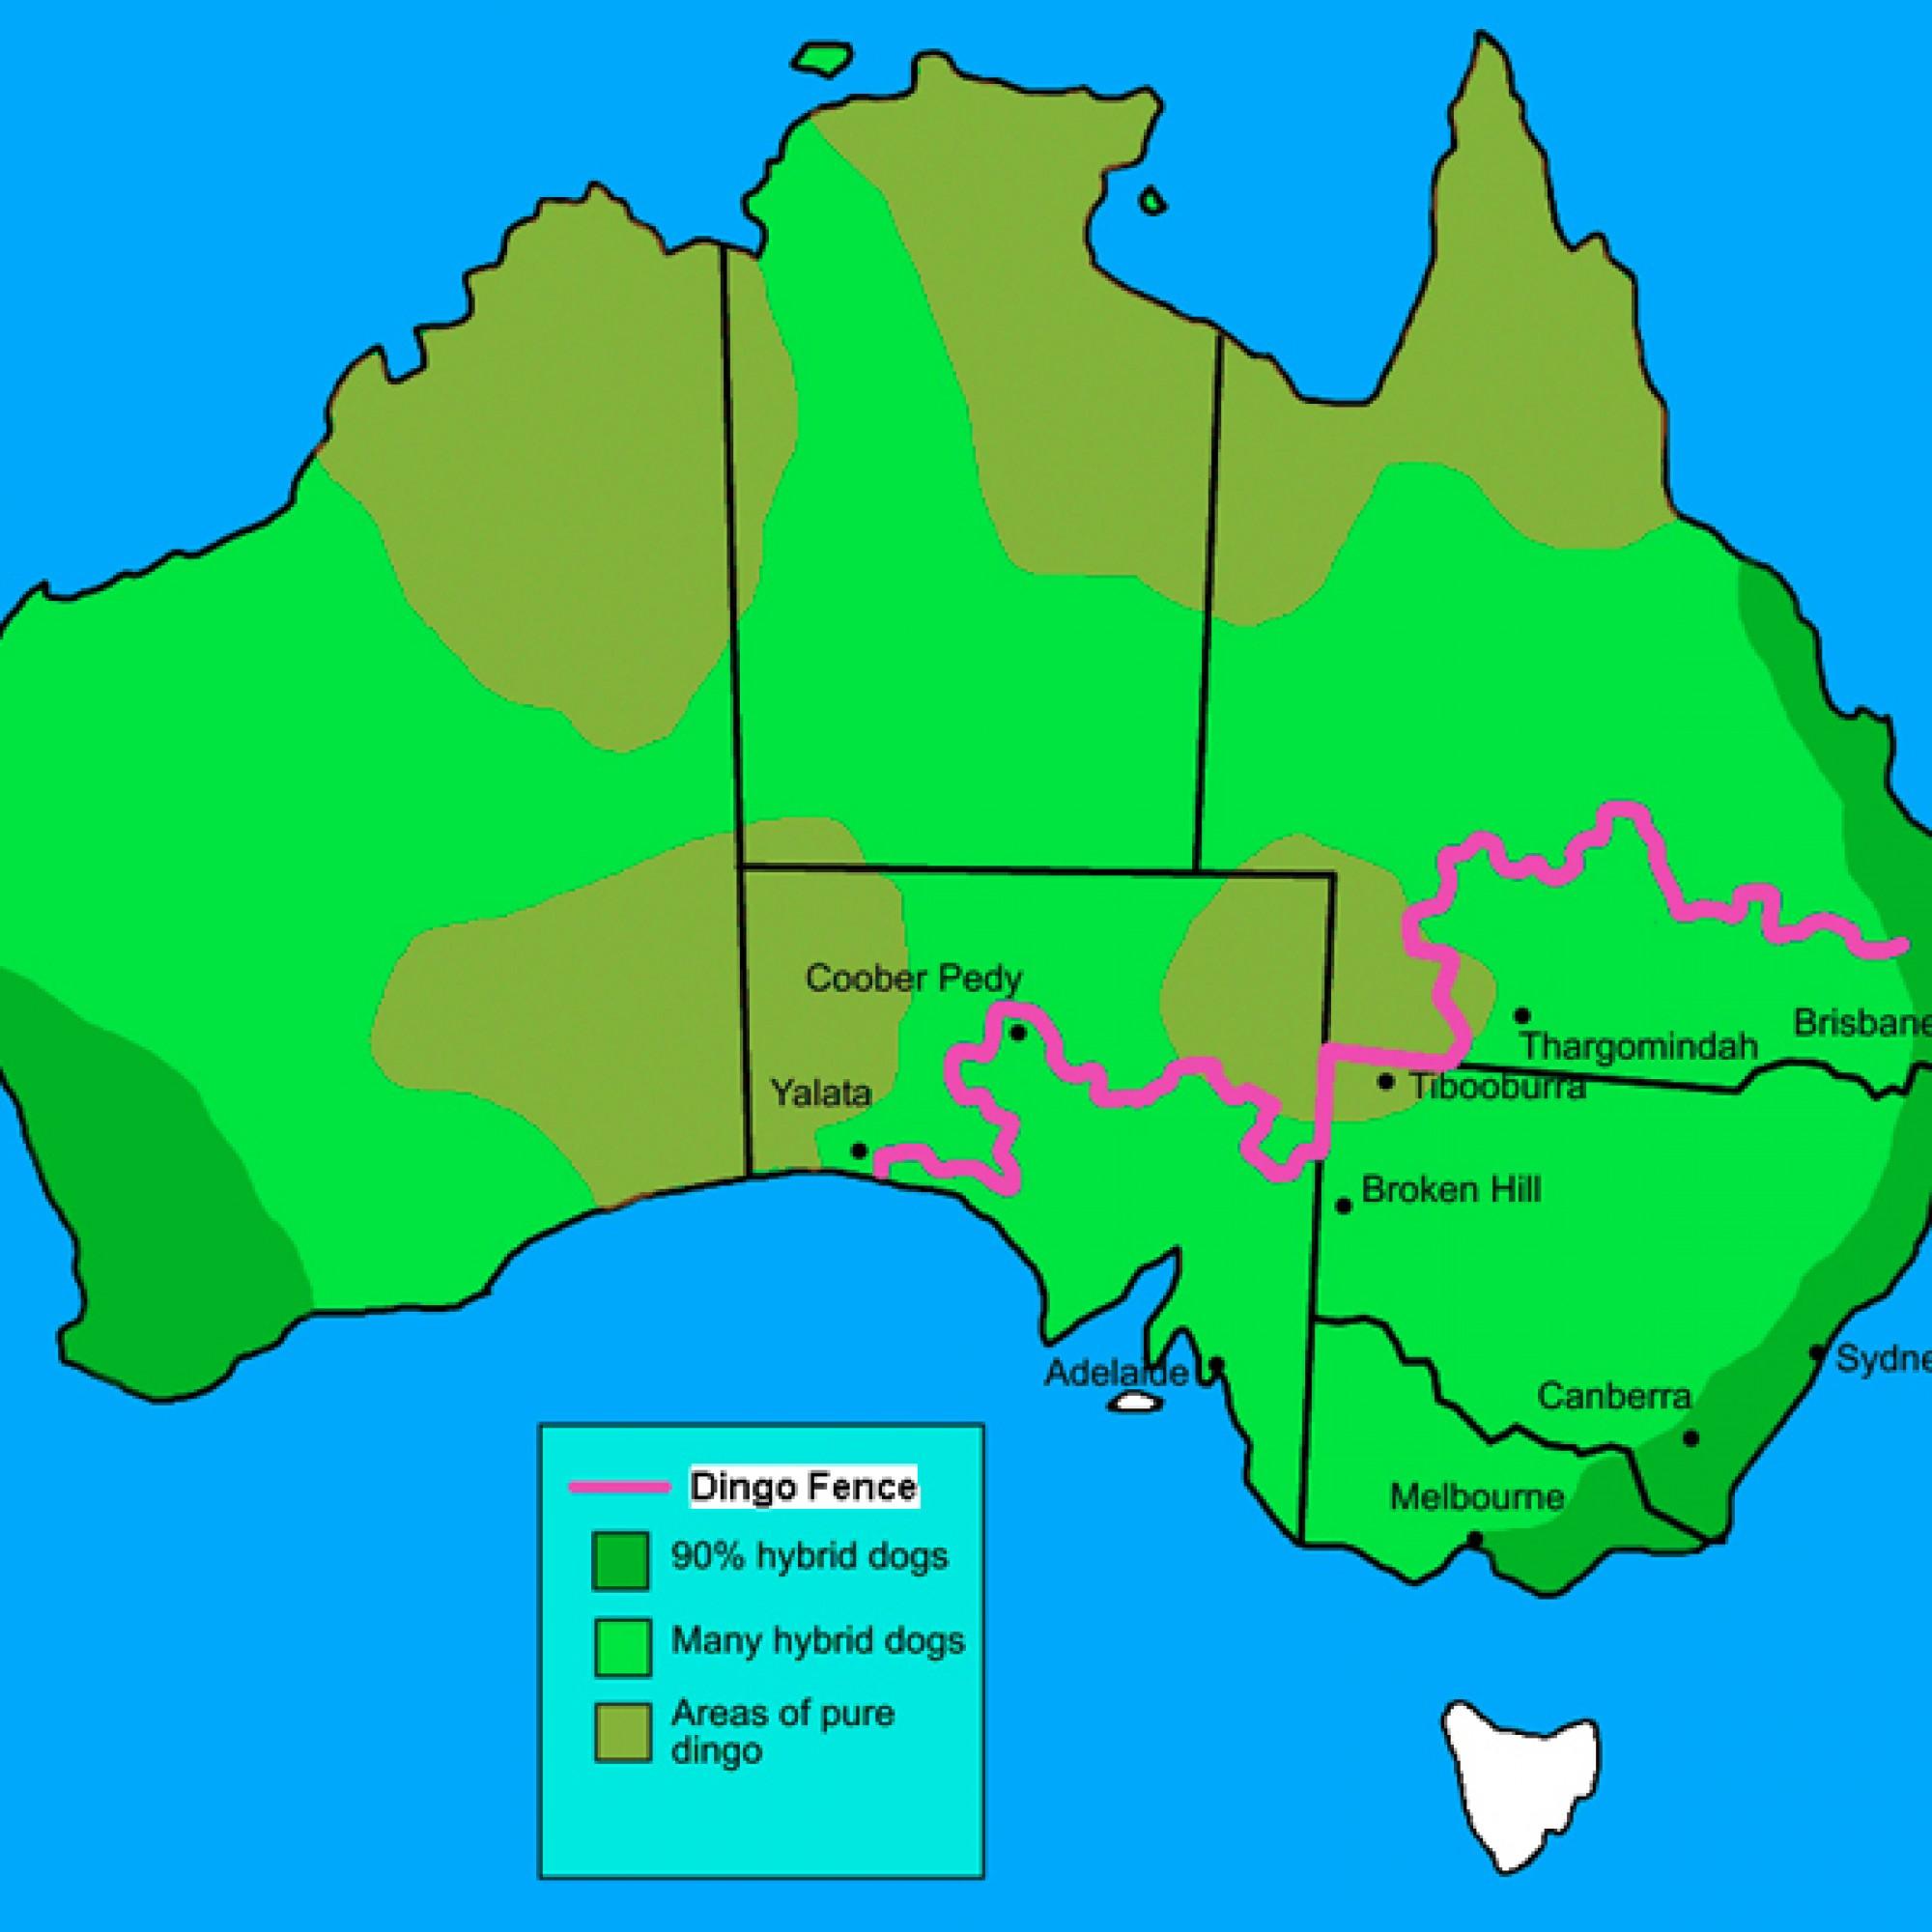 Der Riesenzaun trennt die Südspitze Australiens vom Rest des Landes. (Roke-commonswiki,CC BY-SA 3.0, Wikimedia)